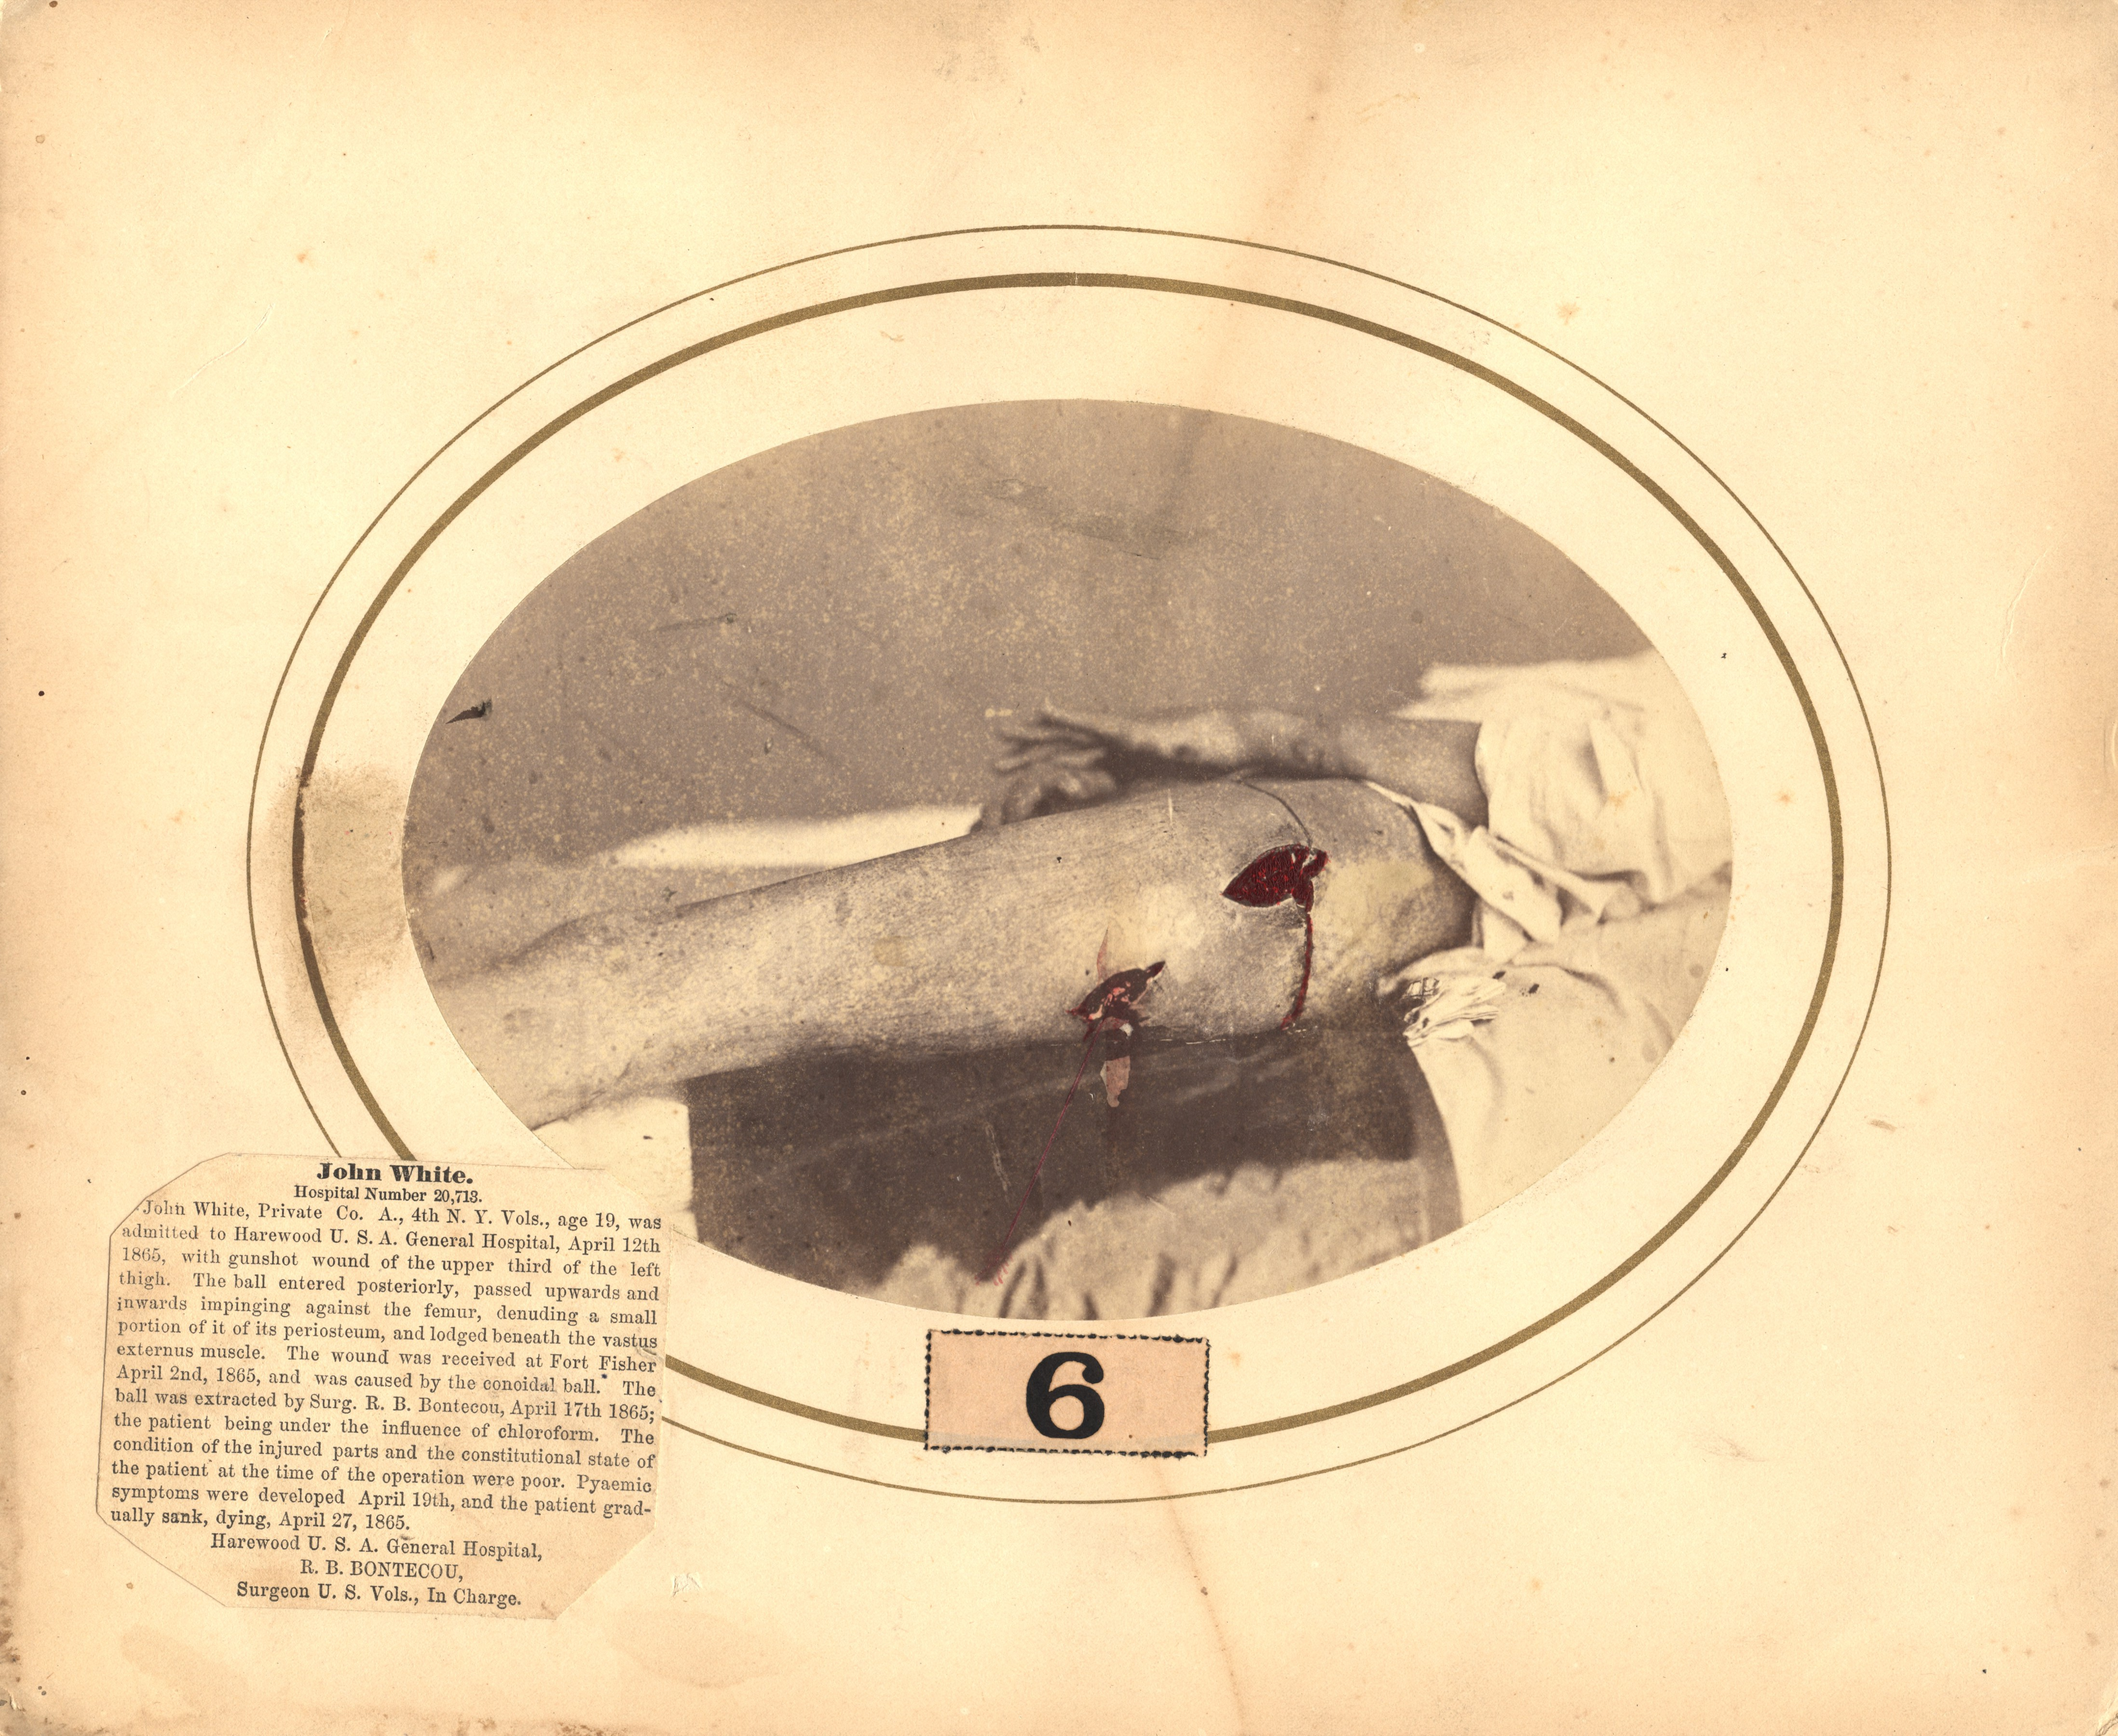 Fotó: Reed B. Bontecou: John White, 19 éves közlegény, aki 1865 április 12-én sebesült meg a Fisher erődnél, The National Library of Medicine